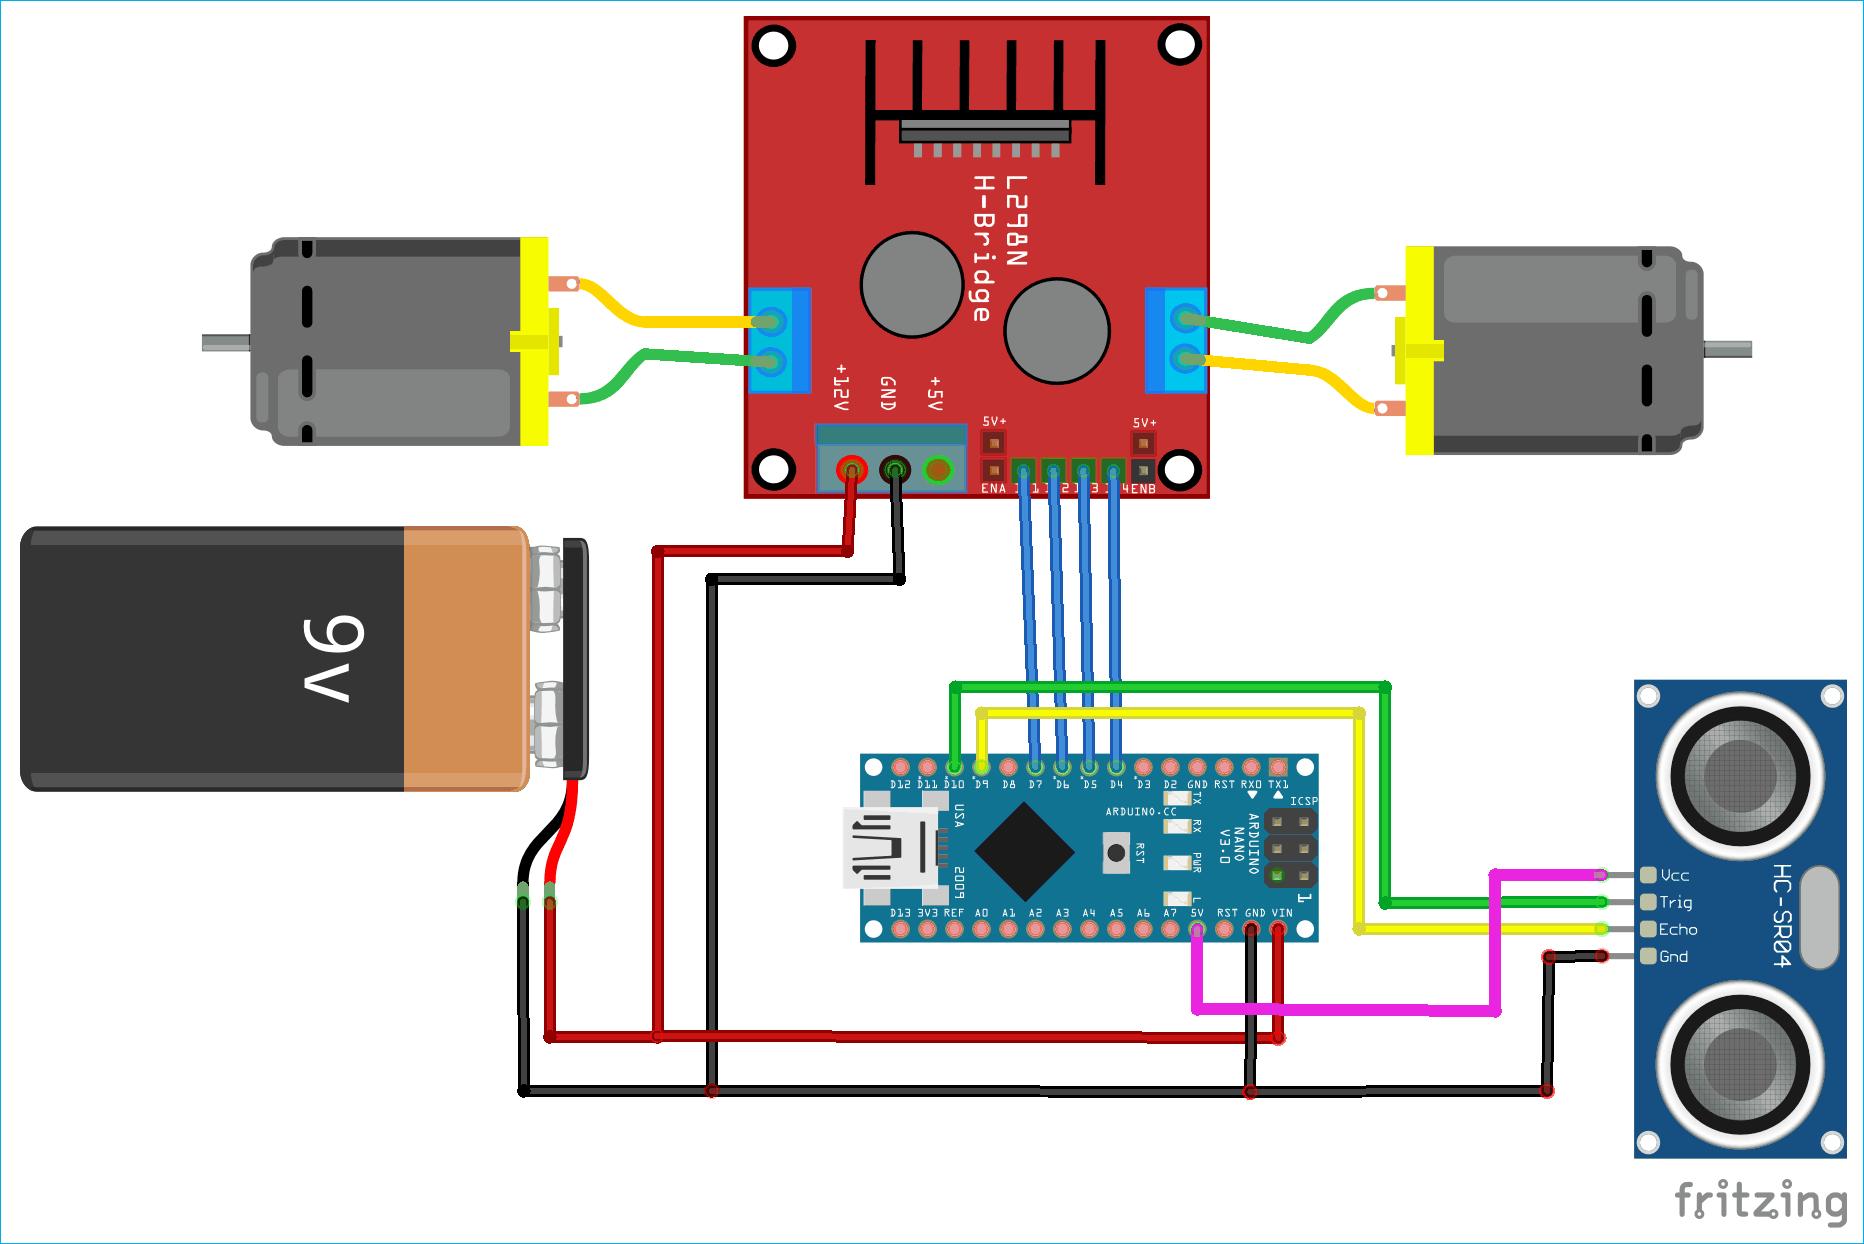 Схема робота на Arduino, объезжающего препятствия